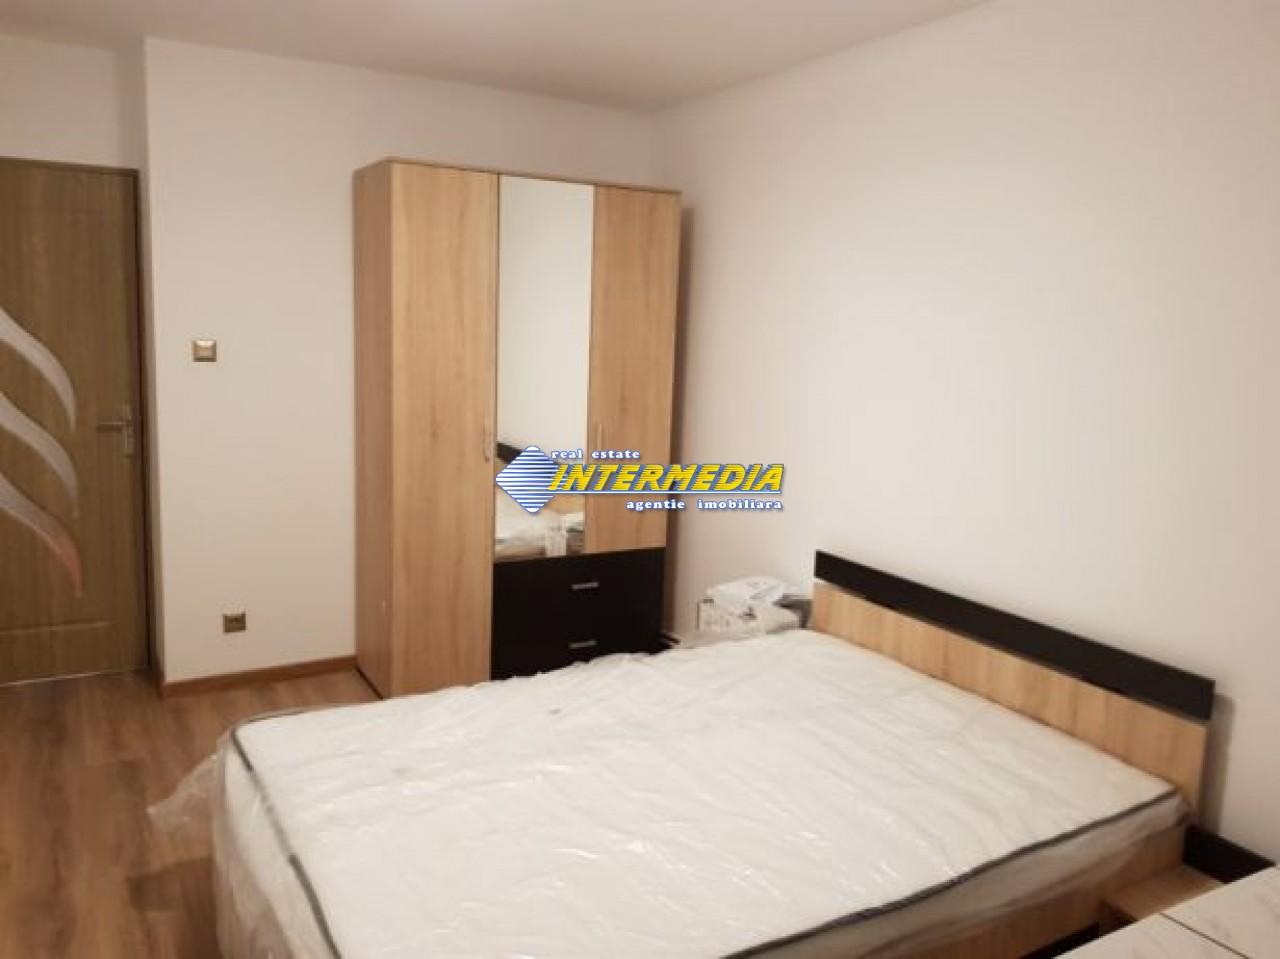 229245537_1_644x461_apartament-2-camere-2-balcoane-bloc-m-alba-iulia_rev016.jpg